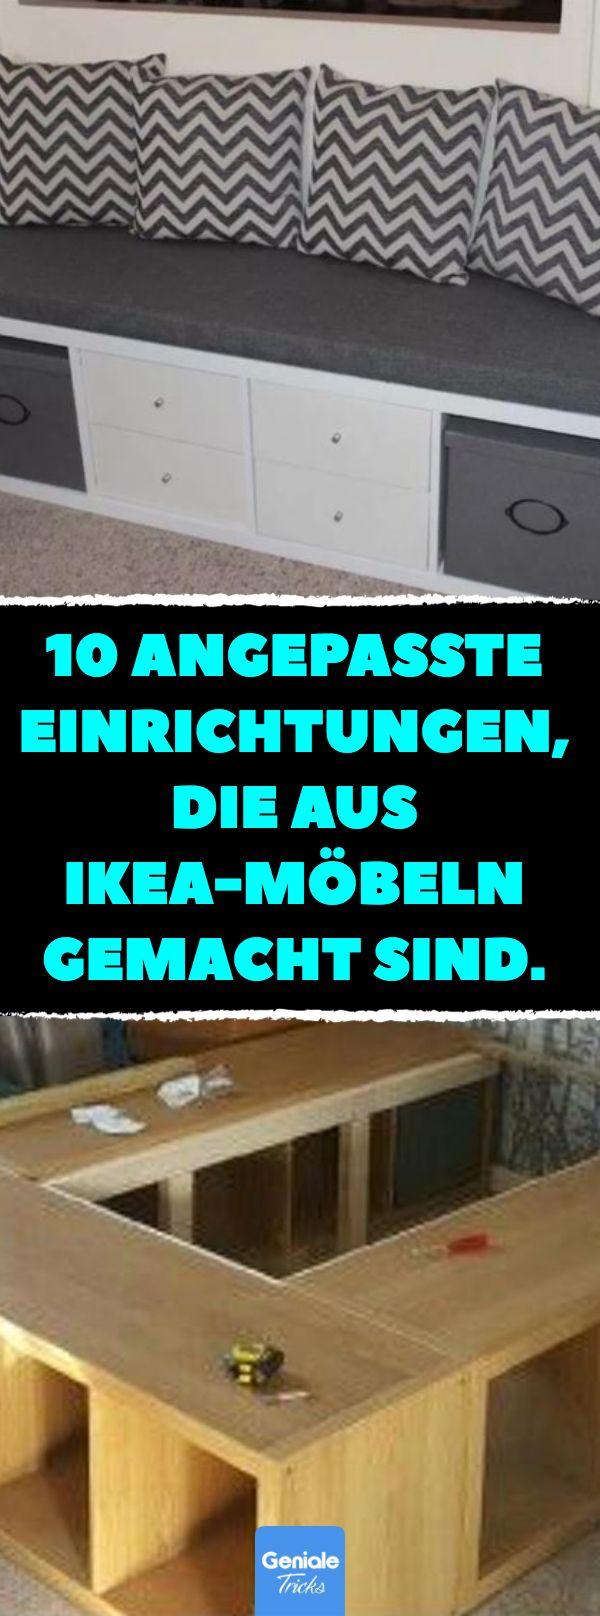 10 angepasste Einrichtungen, die aus IKEA-Möbeln gemacht sind. Individuell und viel Platz für deine Sachen! #ikea #diy #selbermachen #blogger #int